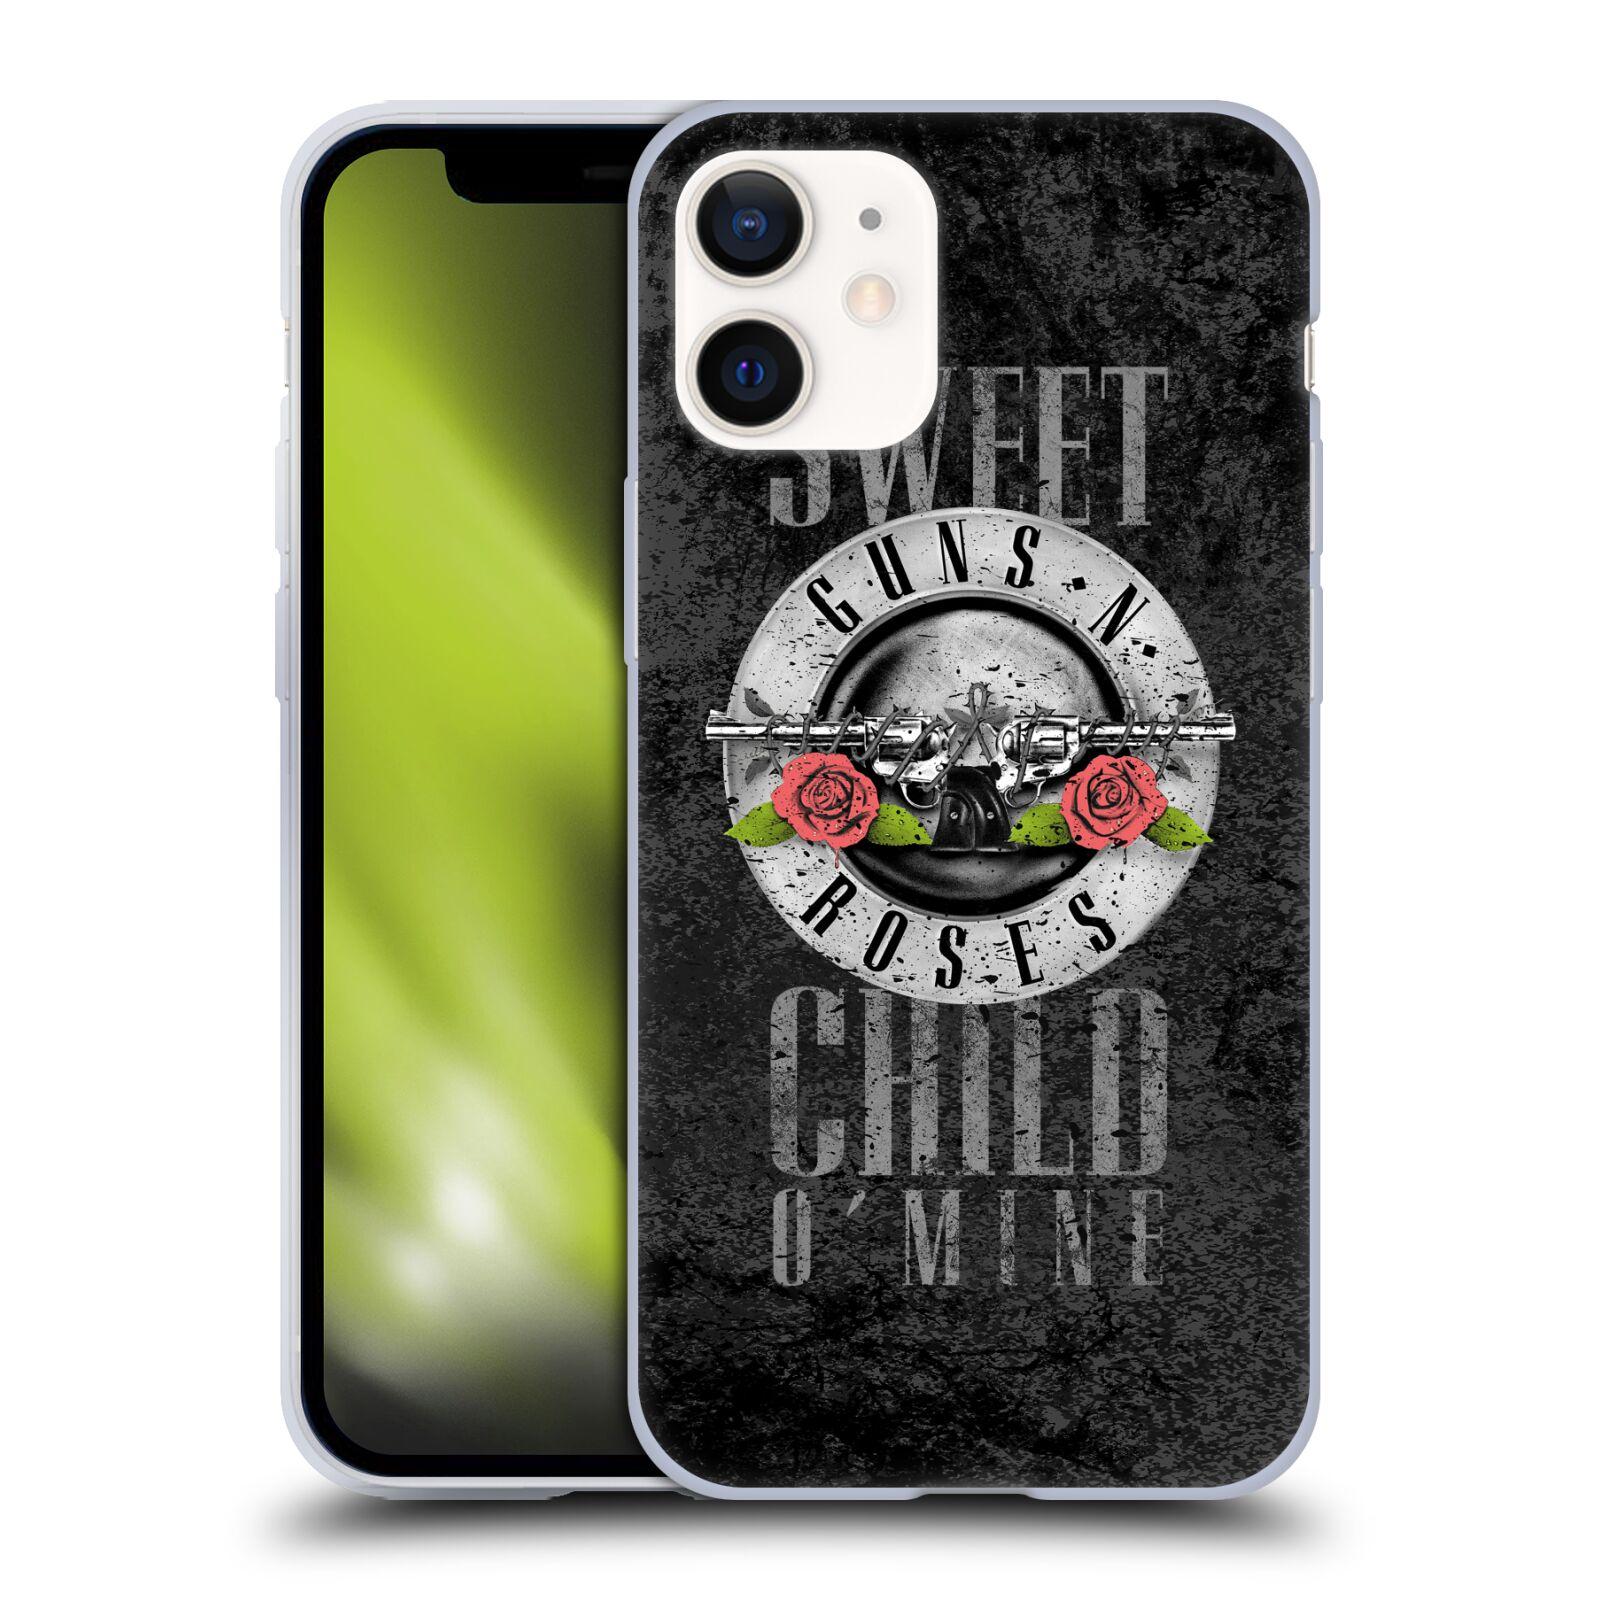 Silikonové pouzdro na mobil Apple iPhone 12 Mini - Head Case - Guns N' Roses - Sweet Child